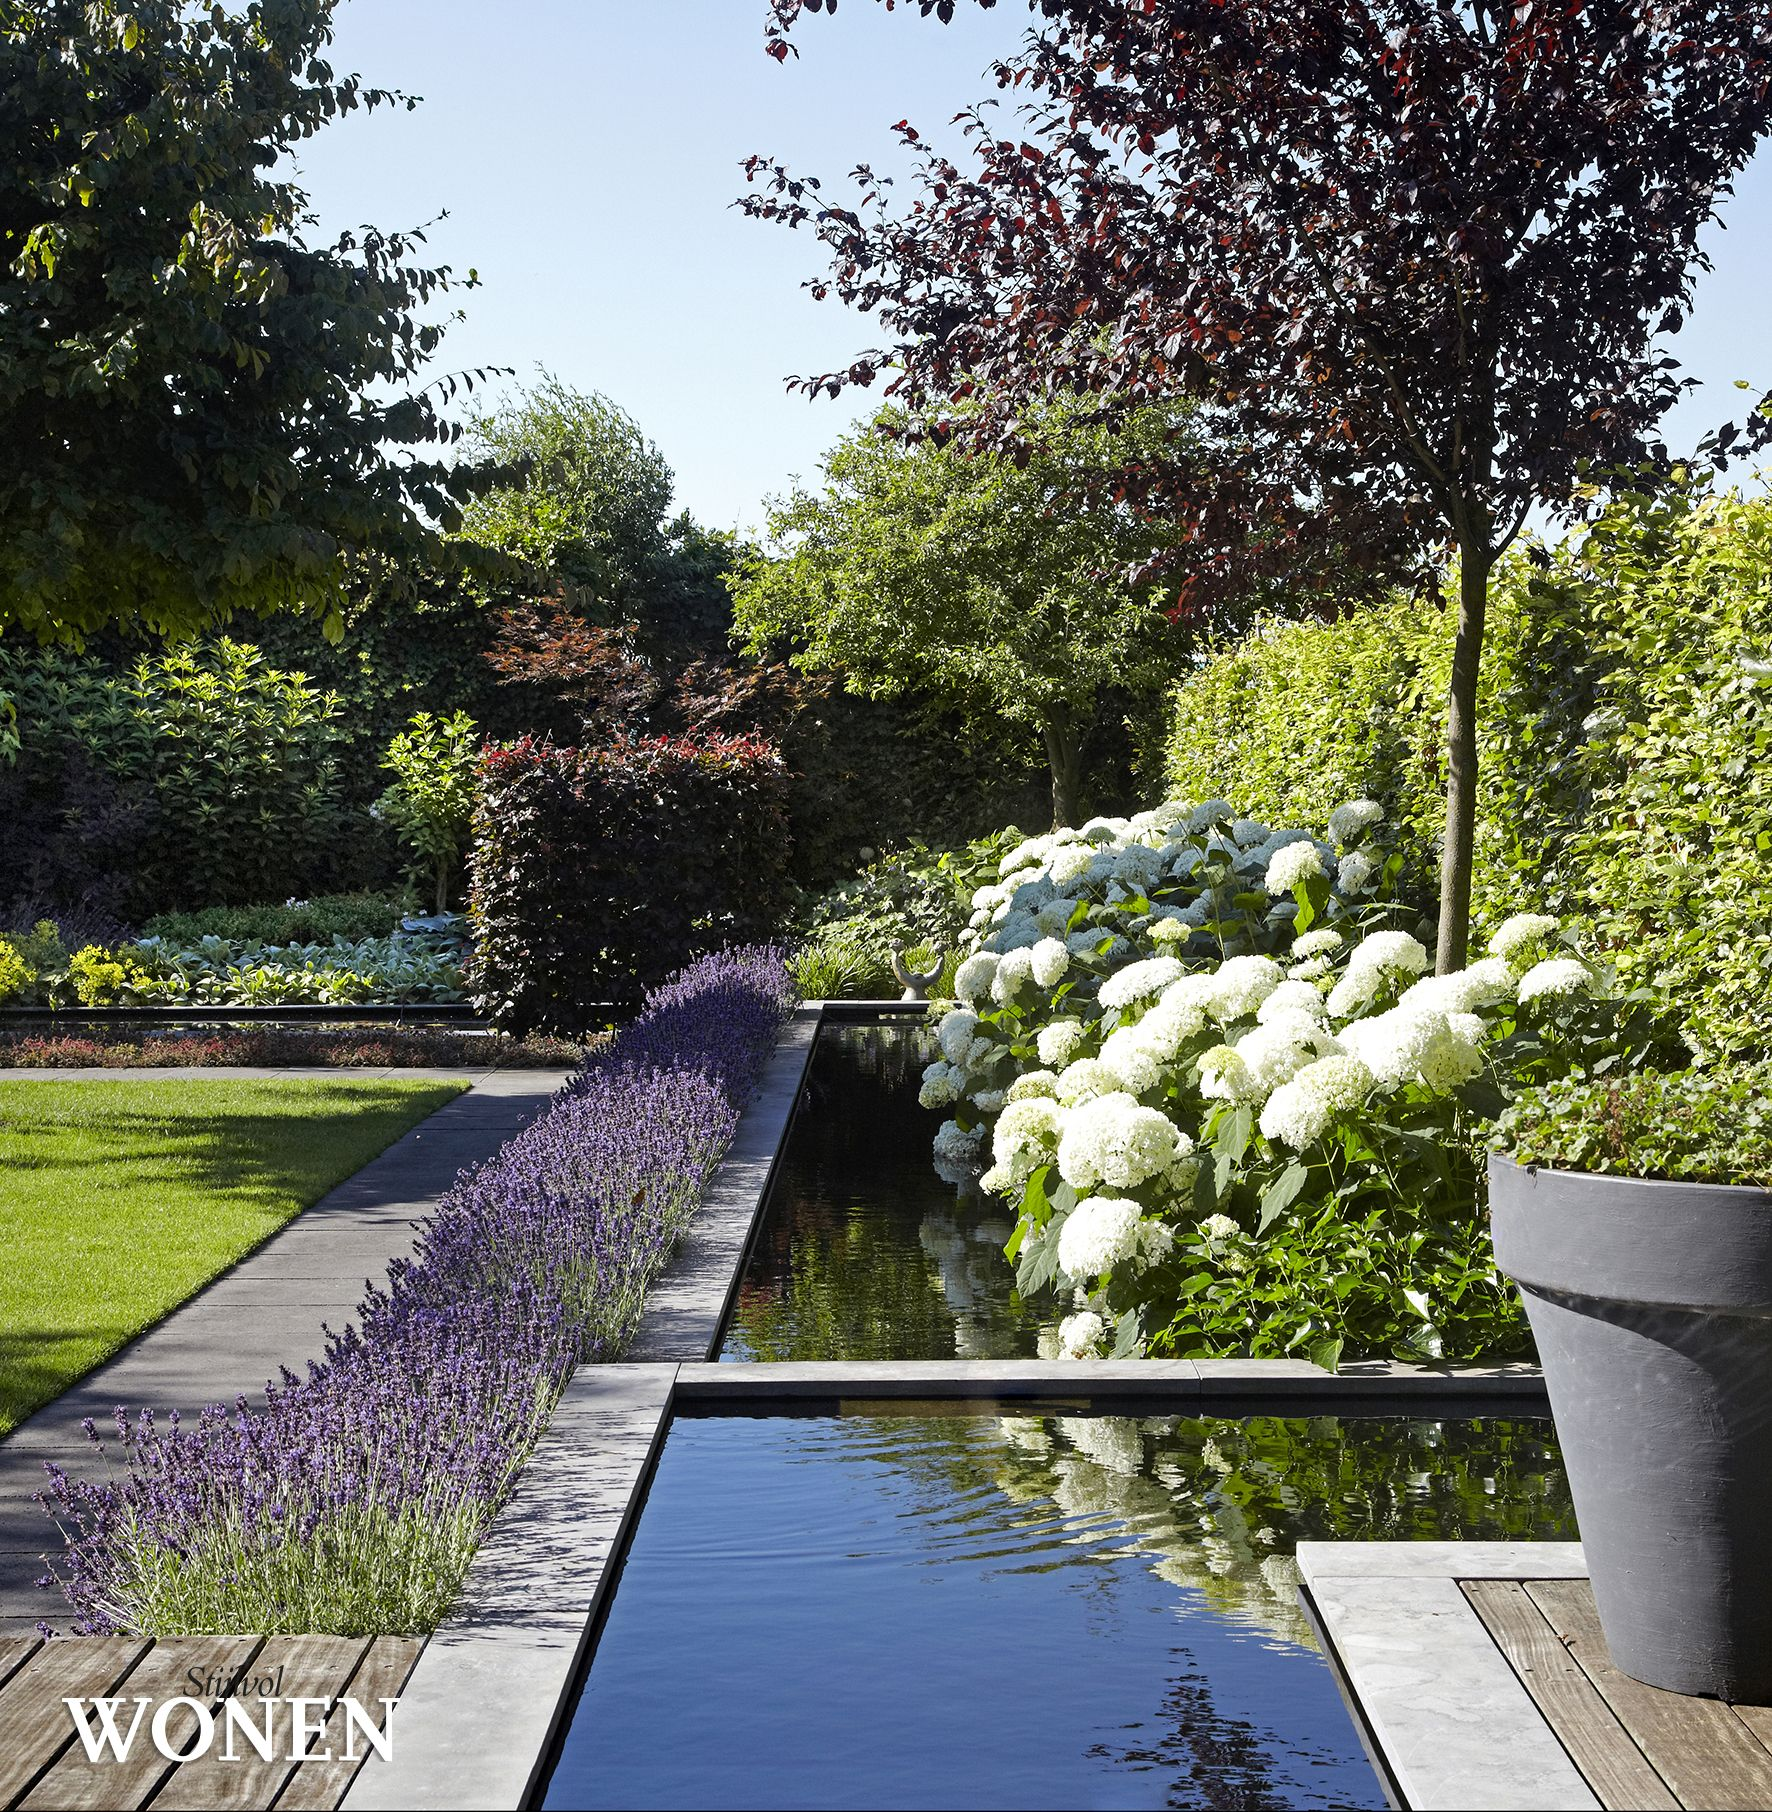 Gärten vorgärten wasserspiele hofgärten weiß gärten schöne gärten garten ideen hortensien garden features